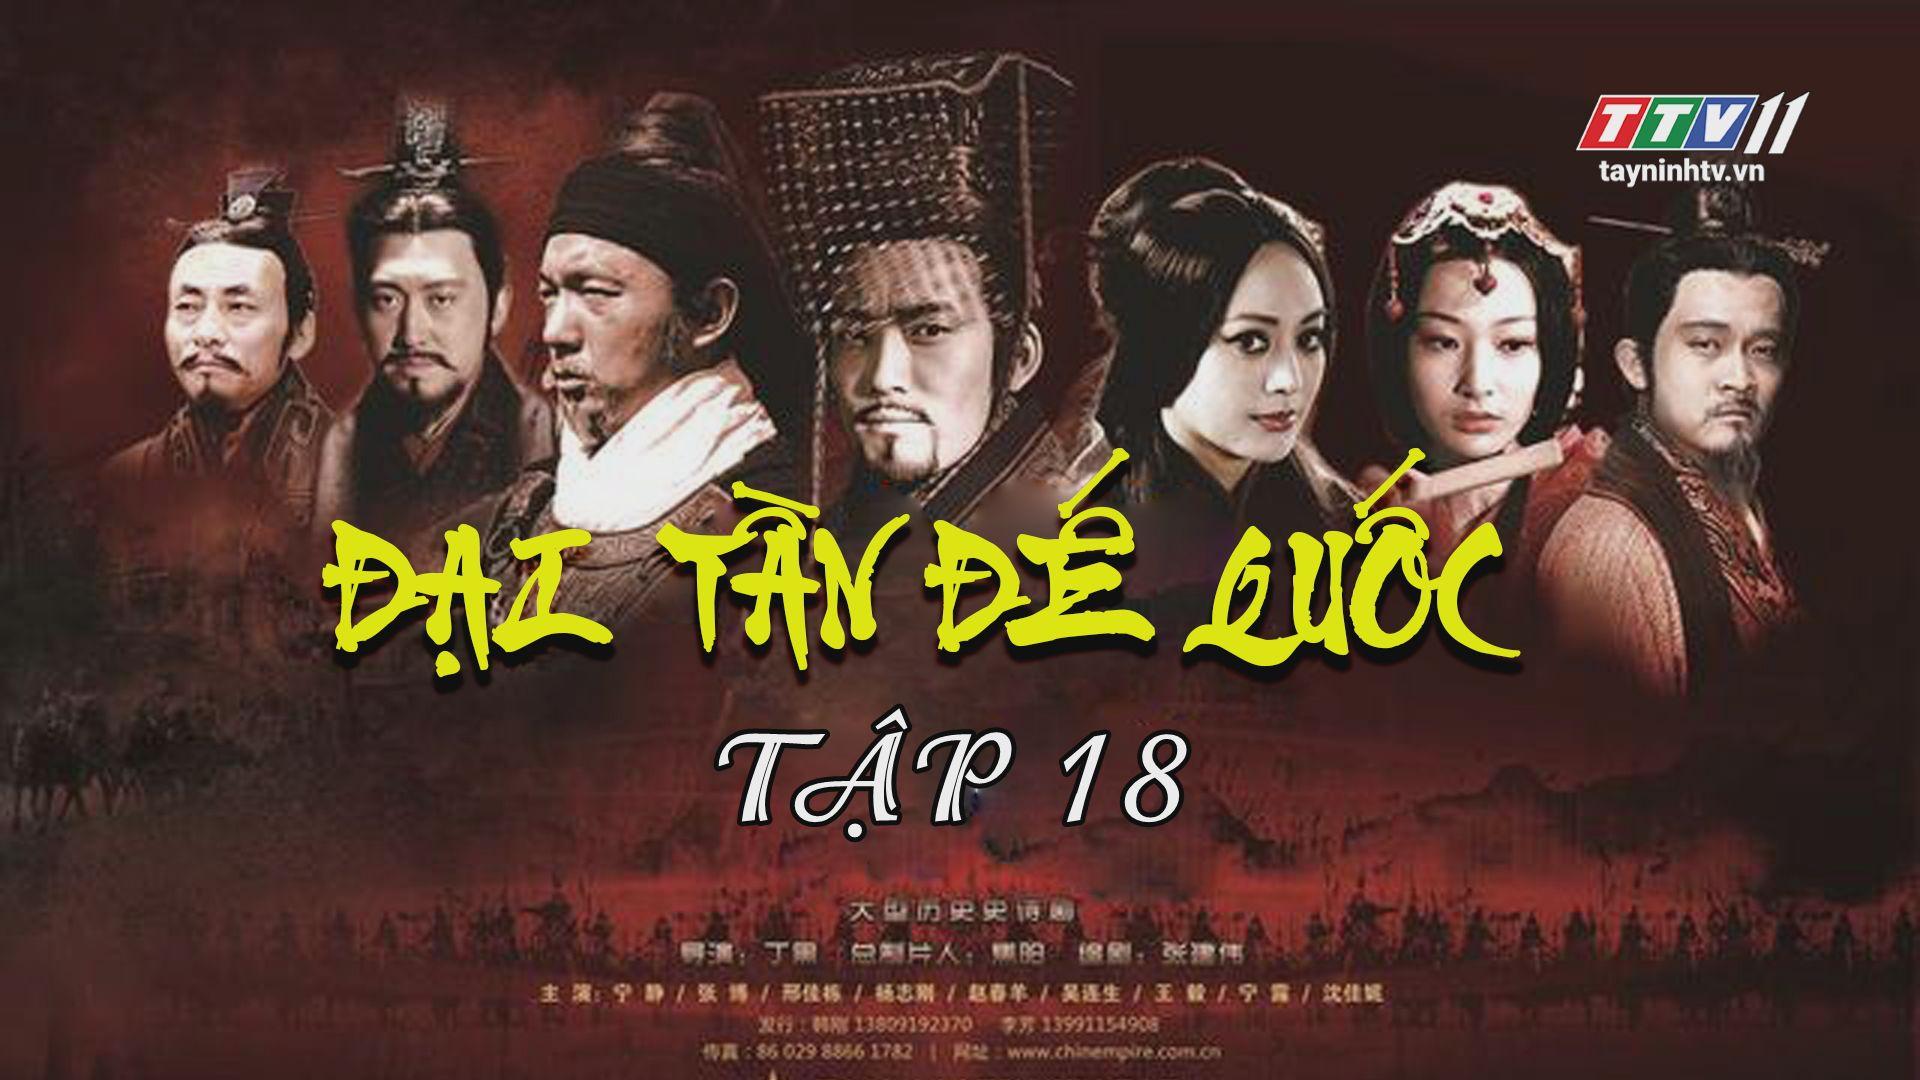 Tập 18 | ĐẠI TẦN ĐẾ QUỐC - Phần 3 | TayNinhTV